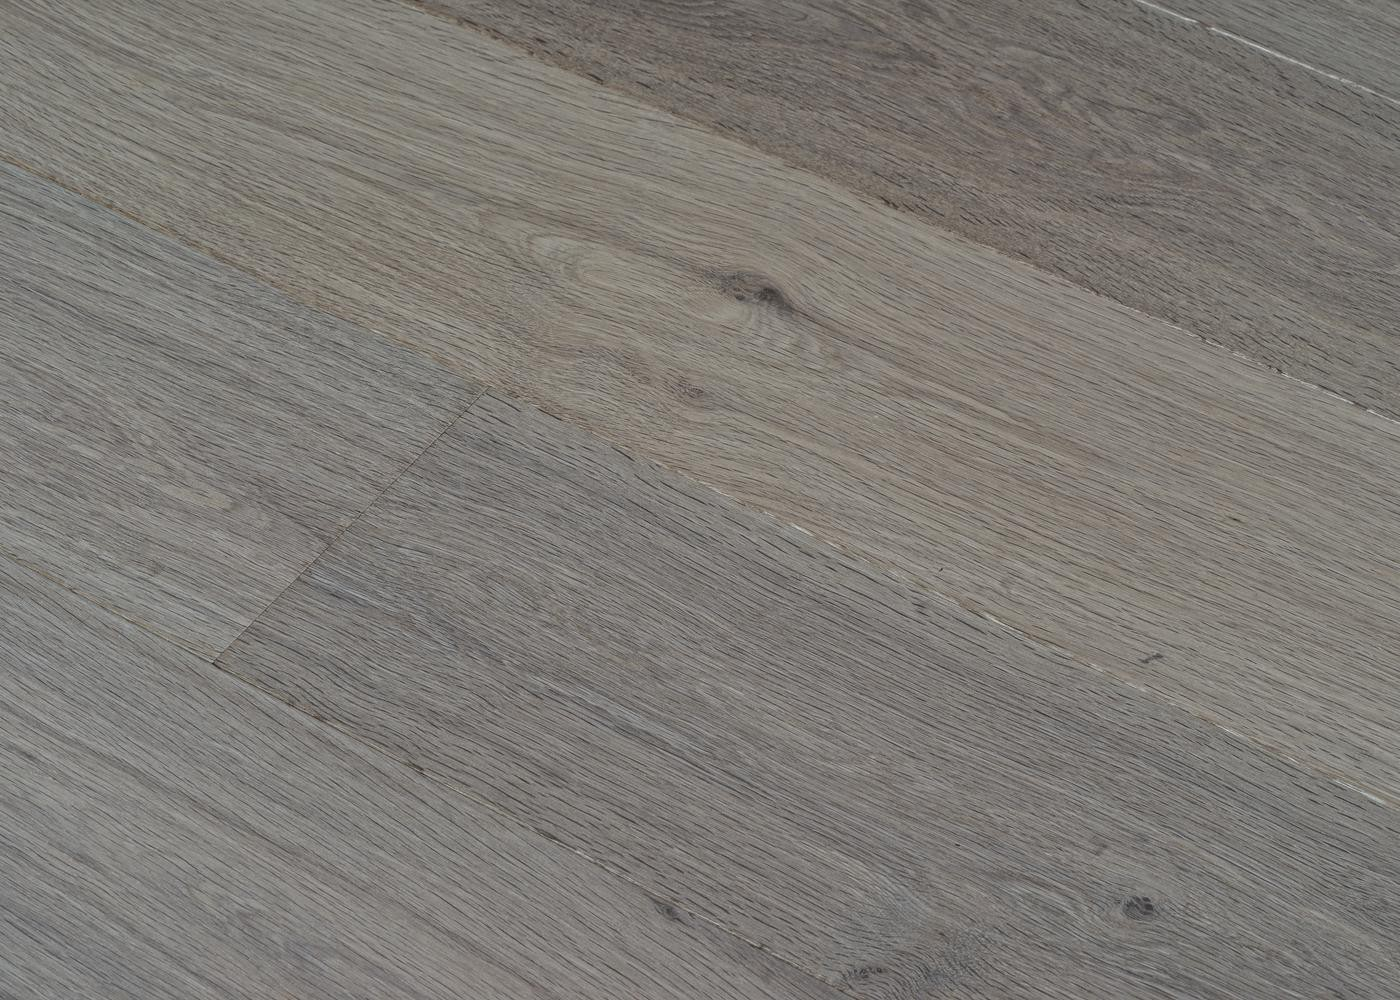 Parquet chêne contrecollé ALPILLE huile cire Mélange 50% PRBis, 50% Matière 12x160x1100-2200